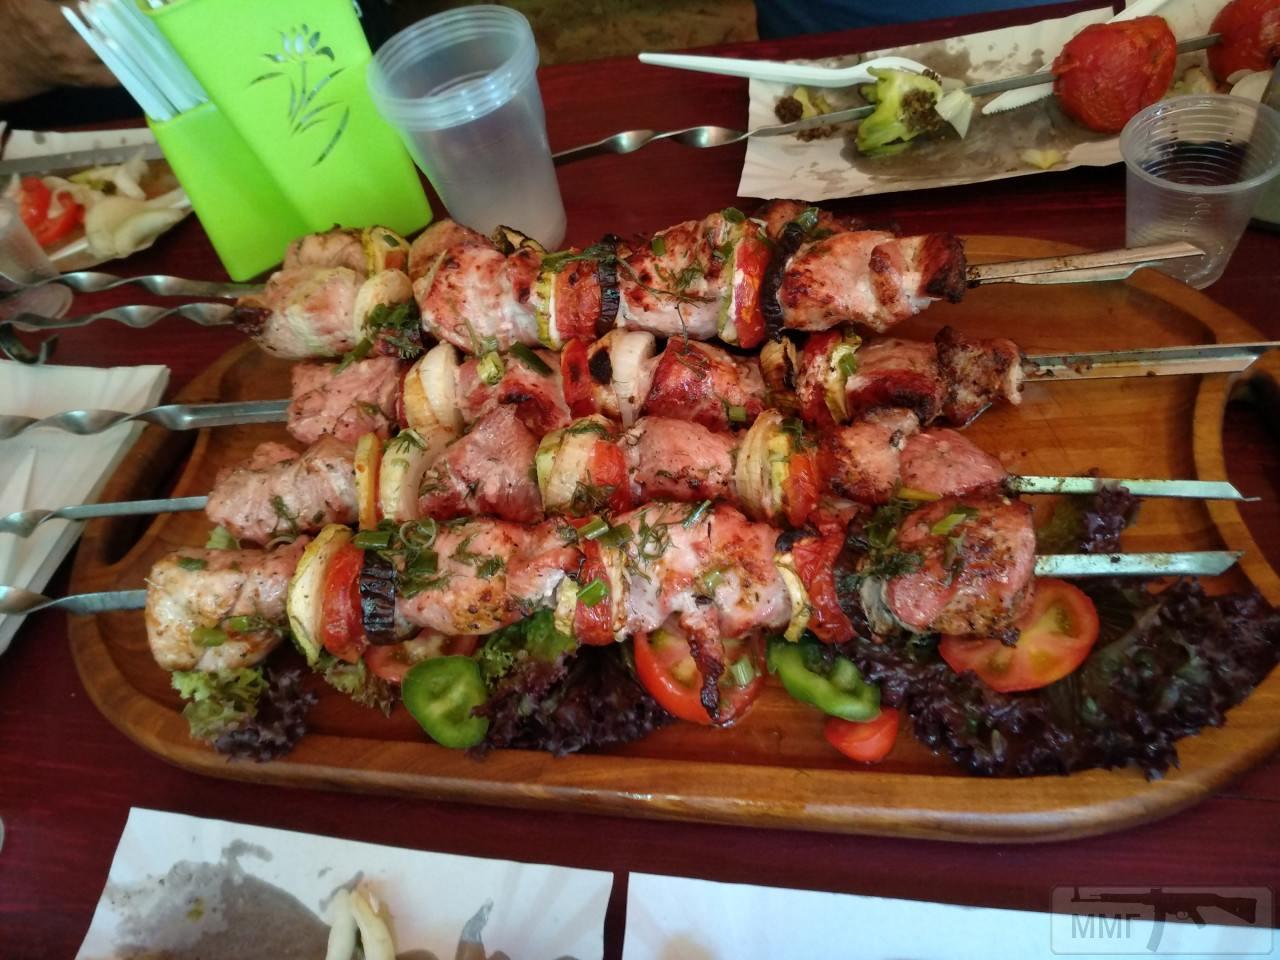 107228 - Закуски на огне (мангал, барбекю и т.д.) и кулинария вообще. Советы и рецепты.